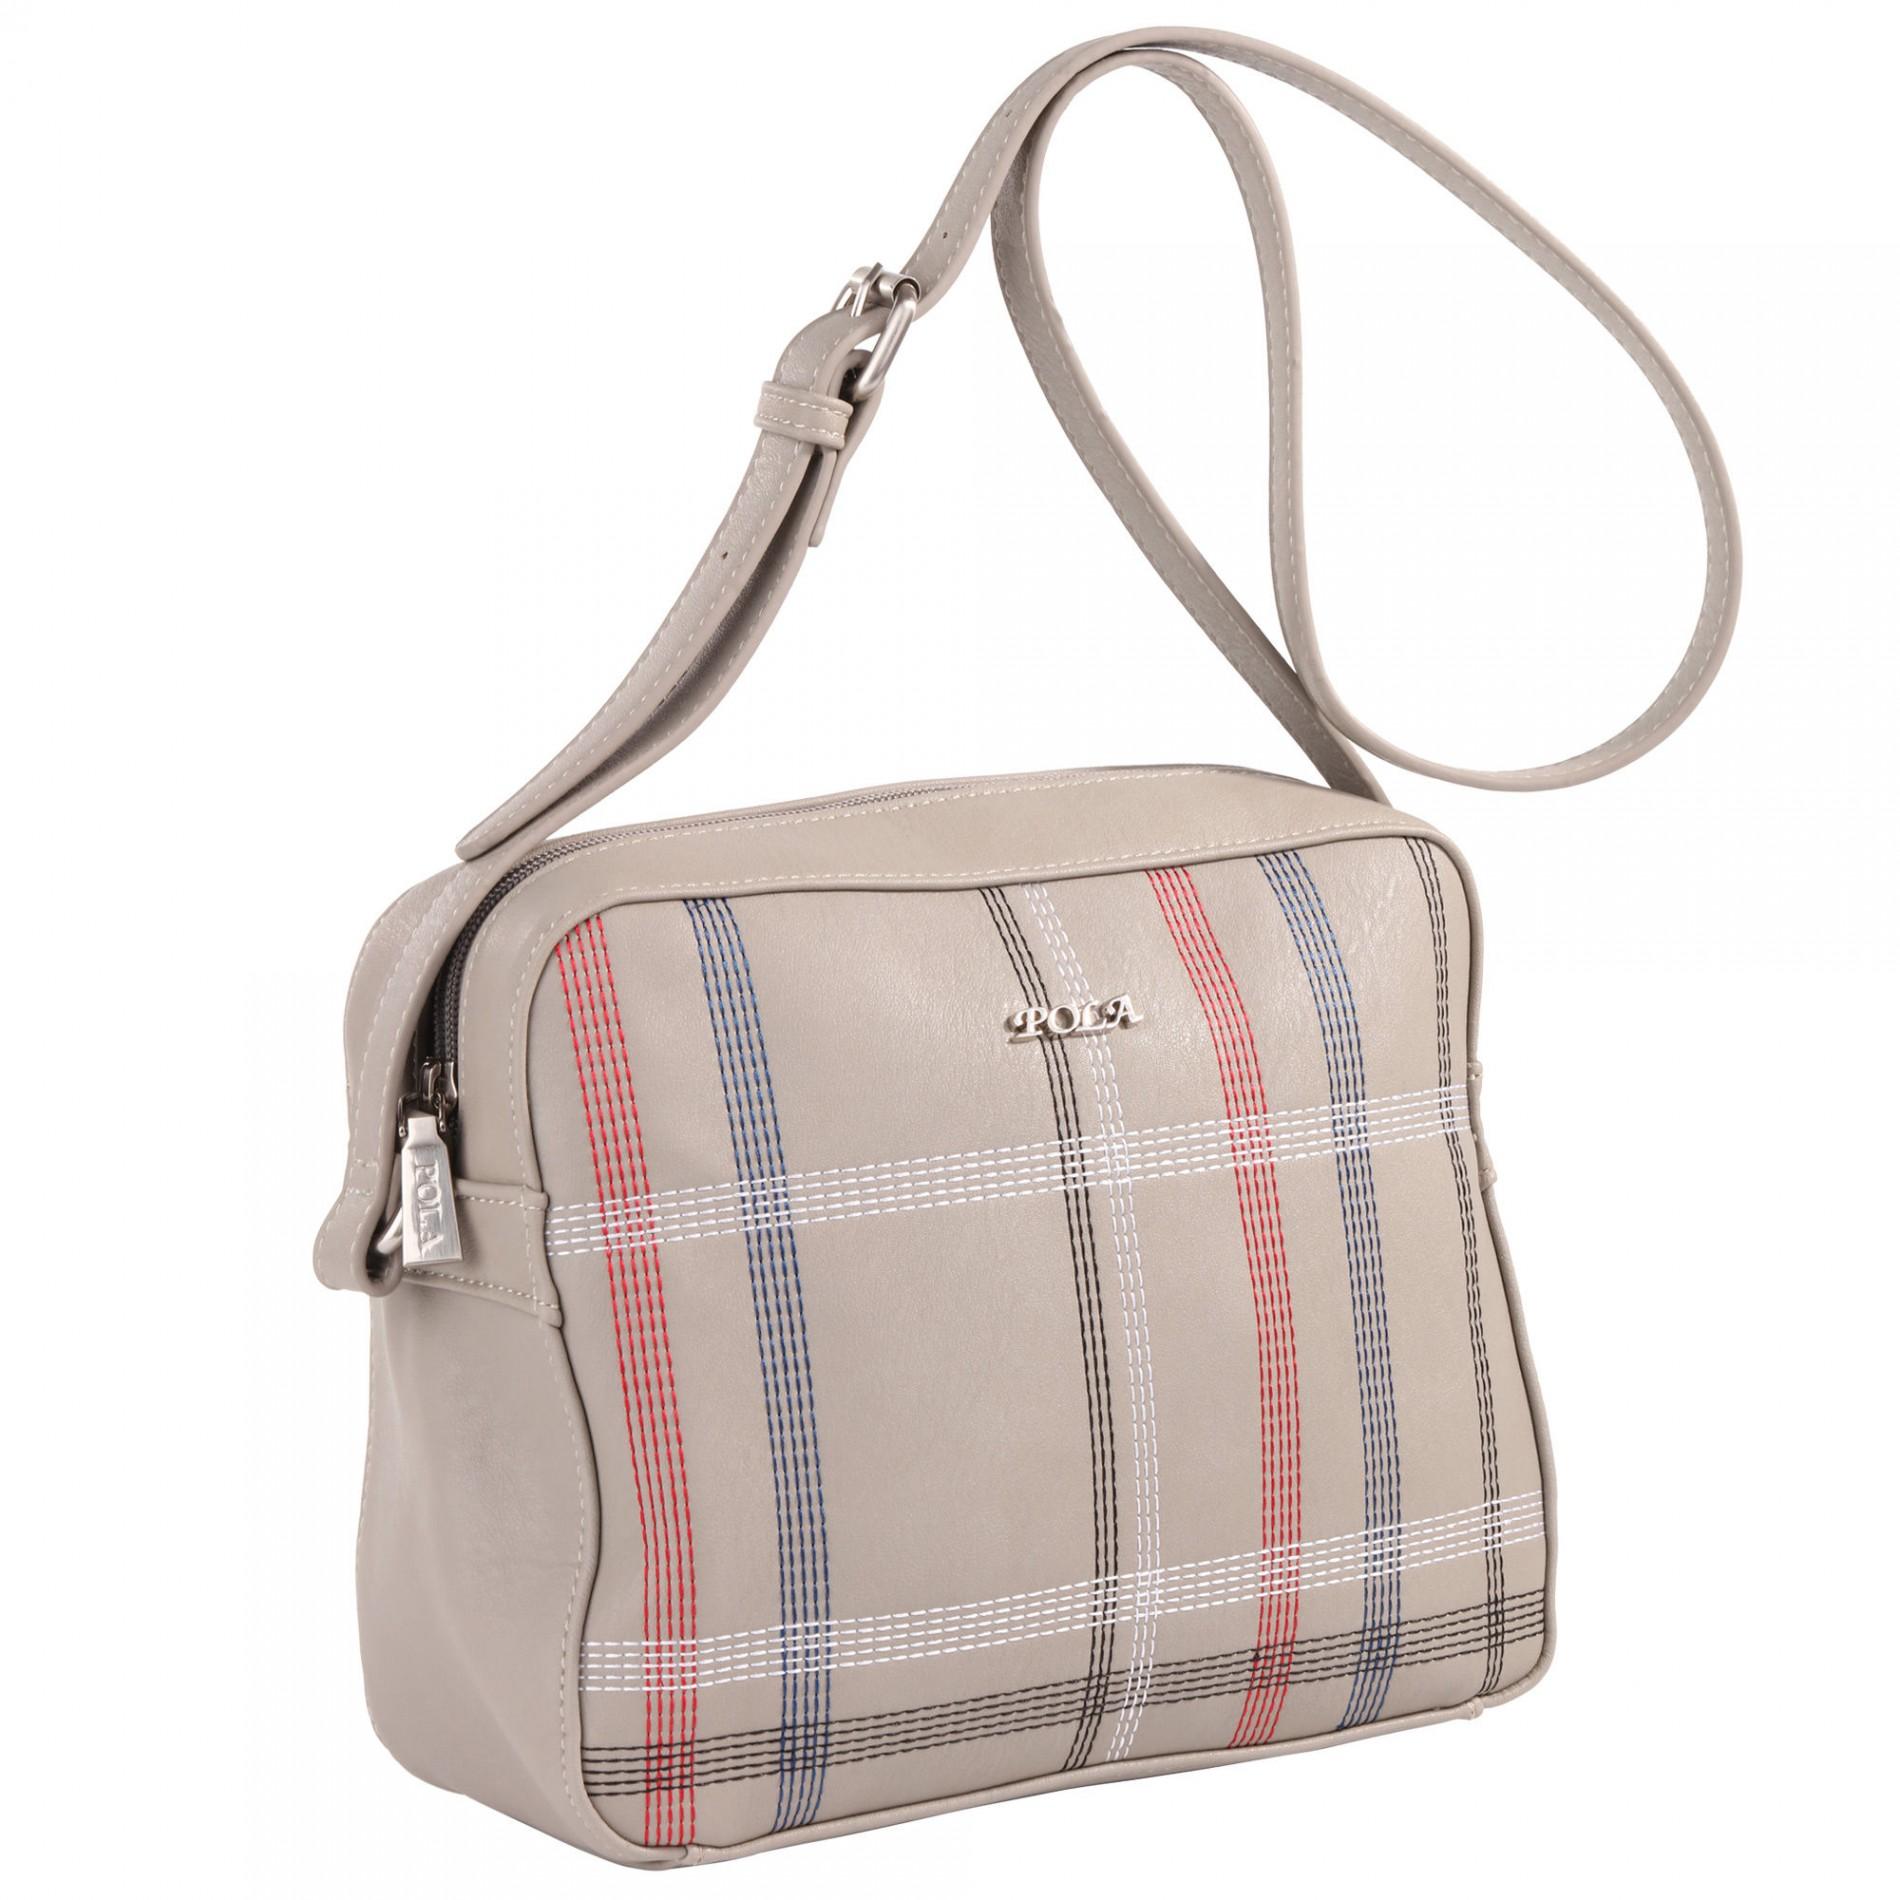 Мужские сумки в Ты Купи Купить мужскую сумку недорого в